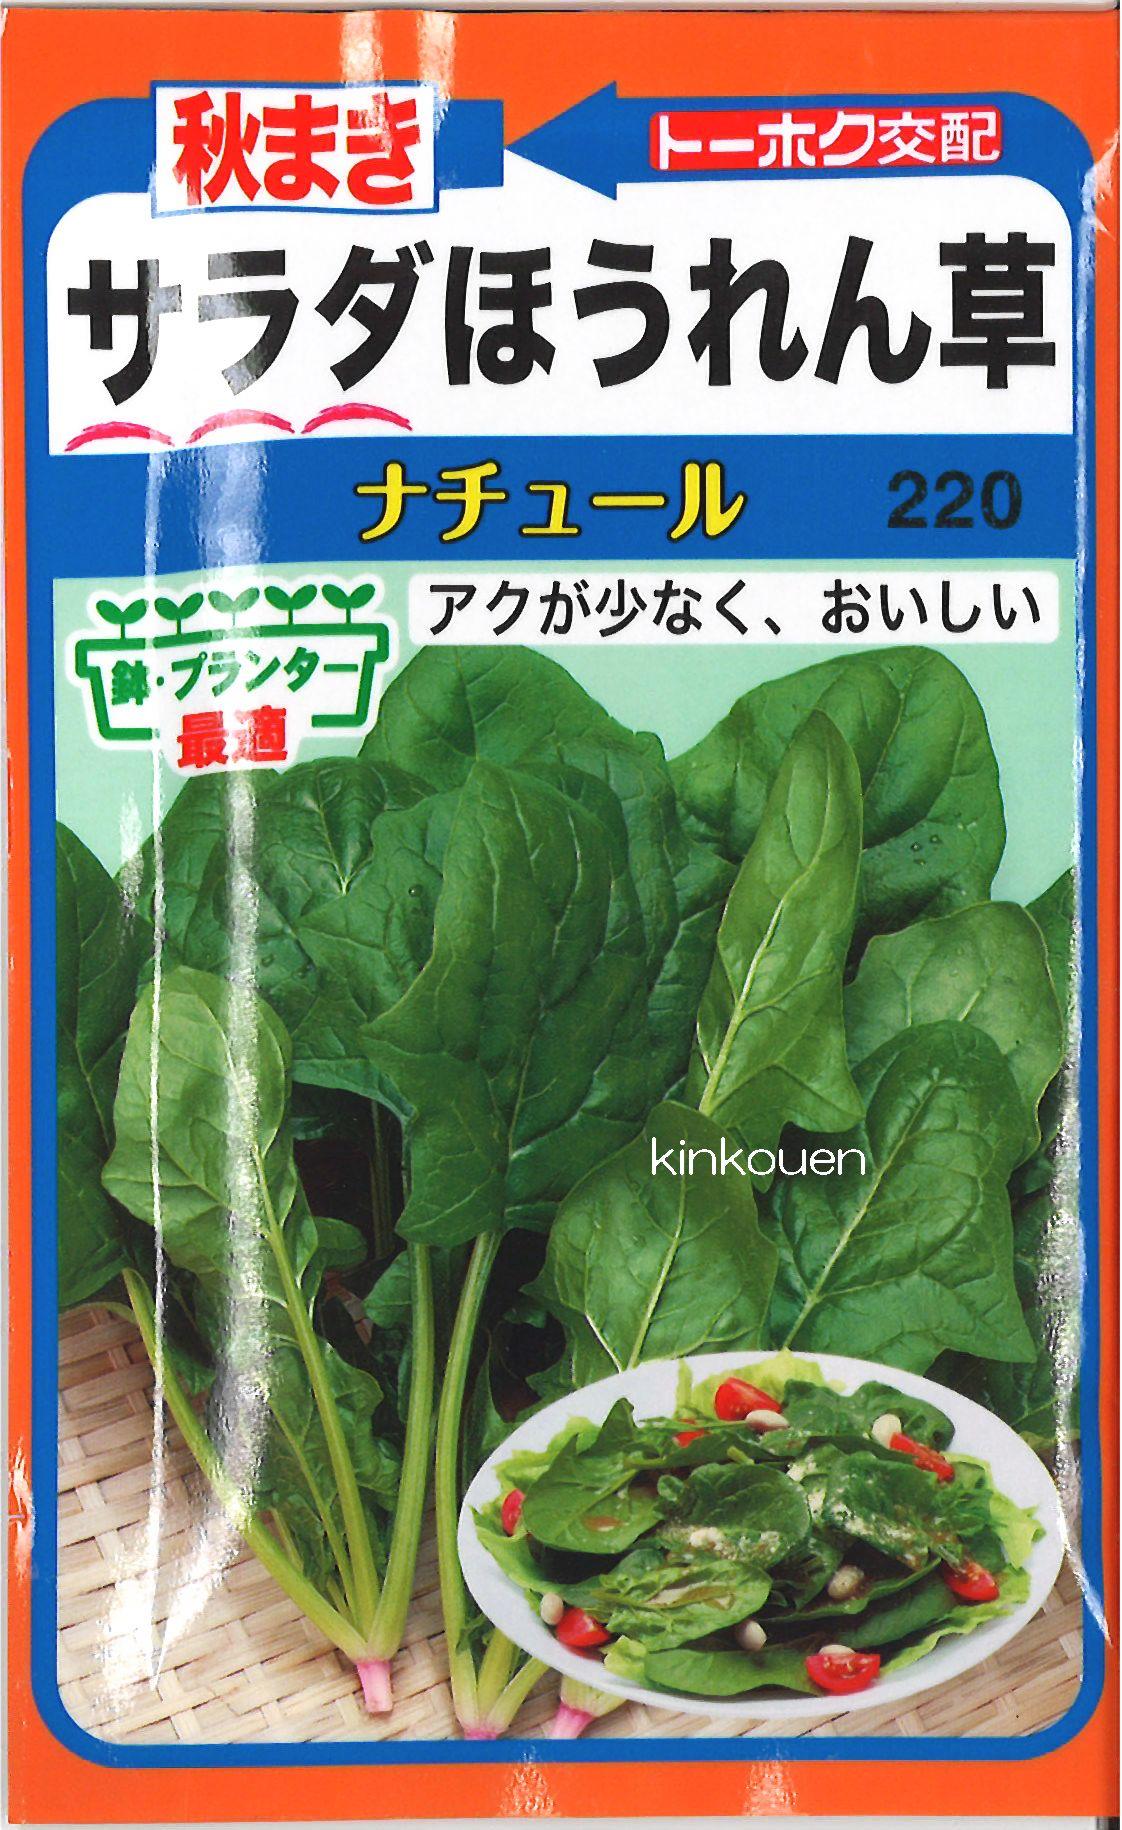 【代引不可】【5袋まで送料80円】□秋まきサラダほうれん草ナチュール